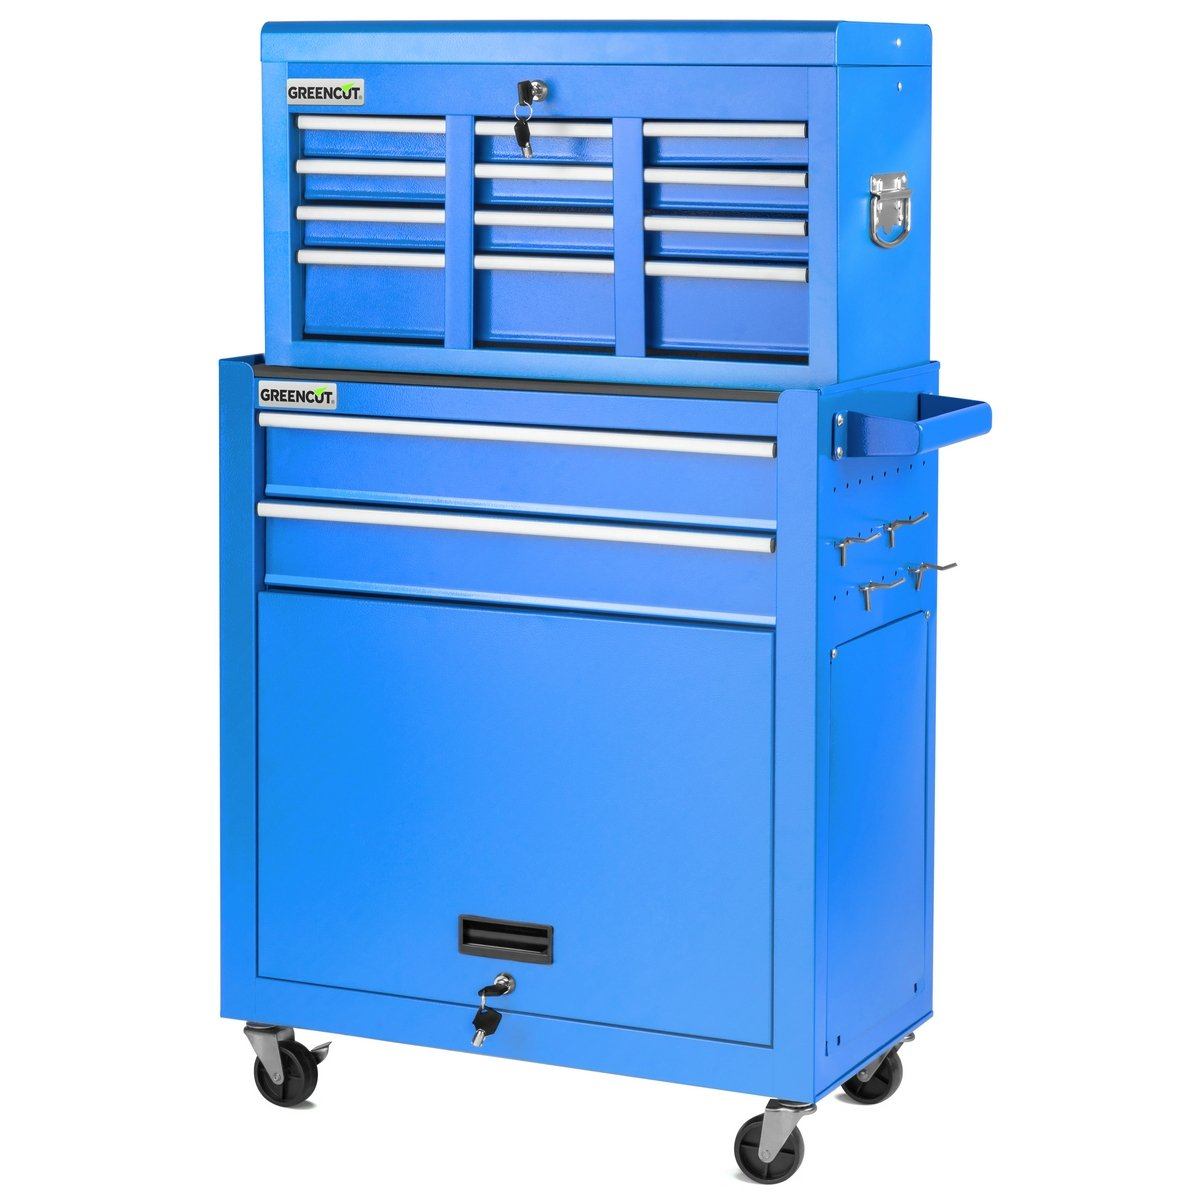 GREENCUT HEC1075A Carro para Herramientas Pro Armario Acero 4 Ruedas 10 cajones Azul, Blue: Amazon.es: Bricolaje y herramientas